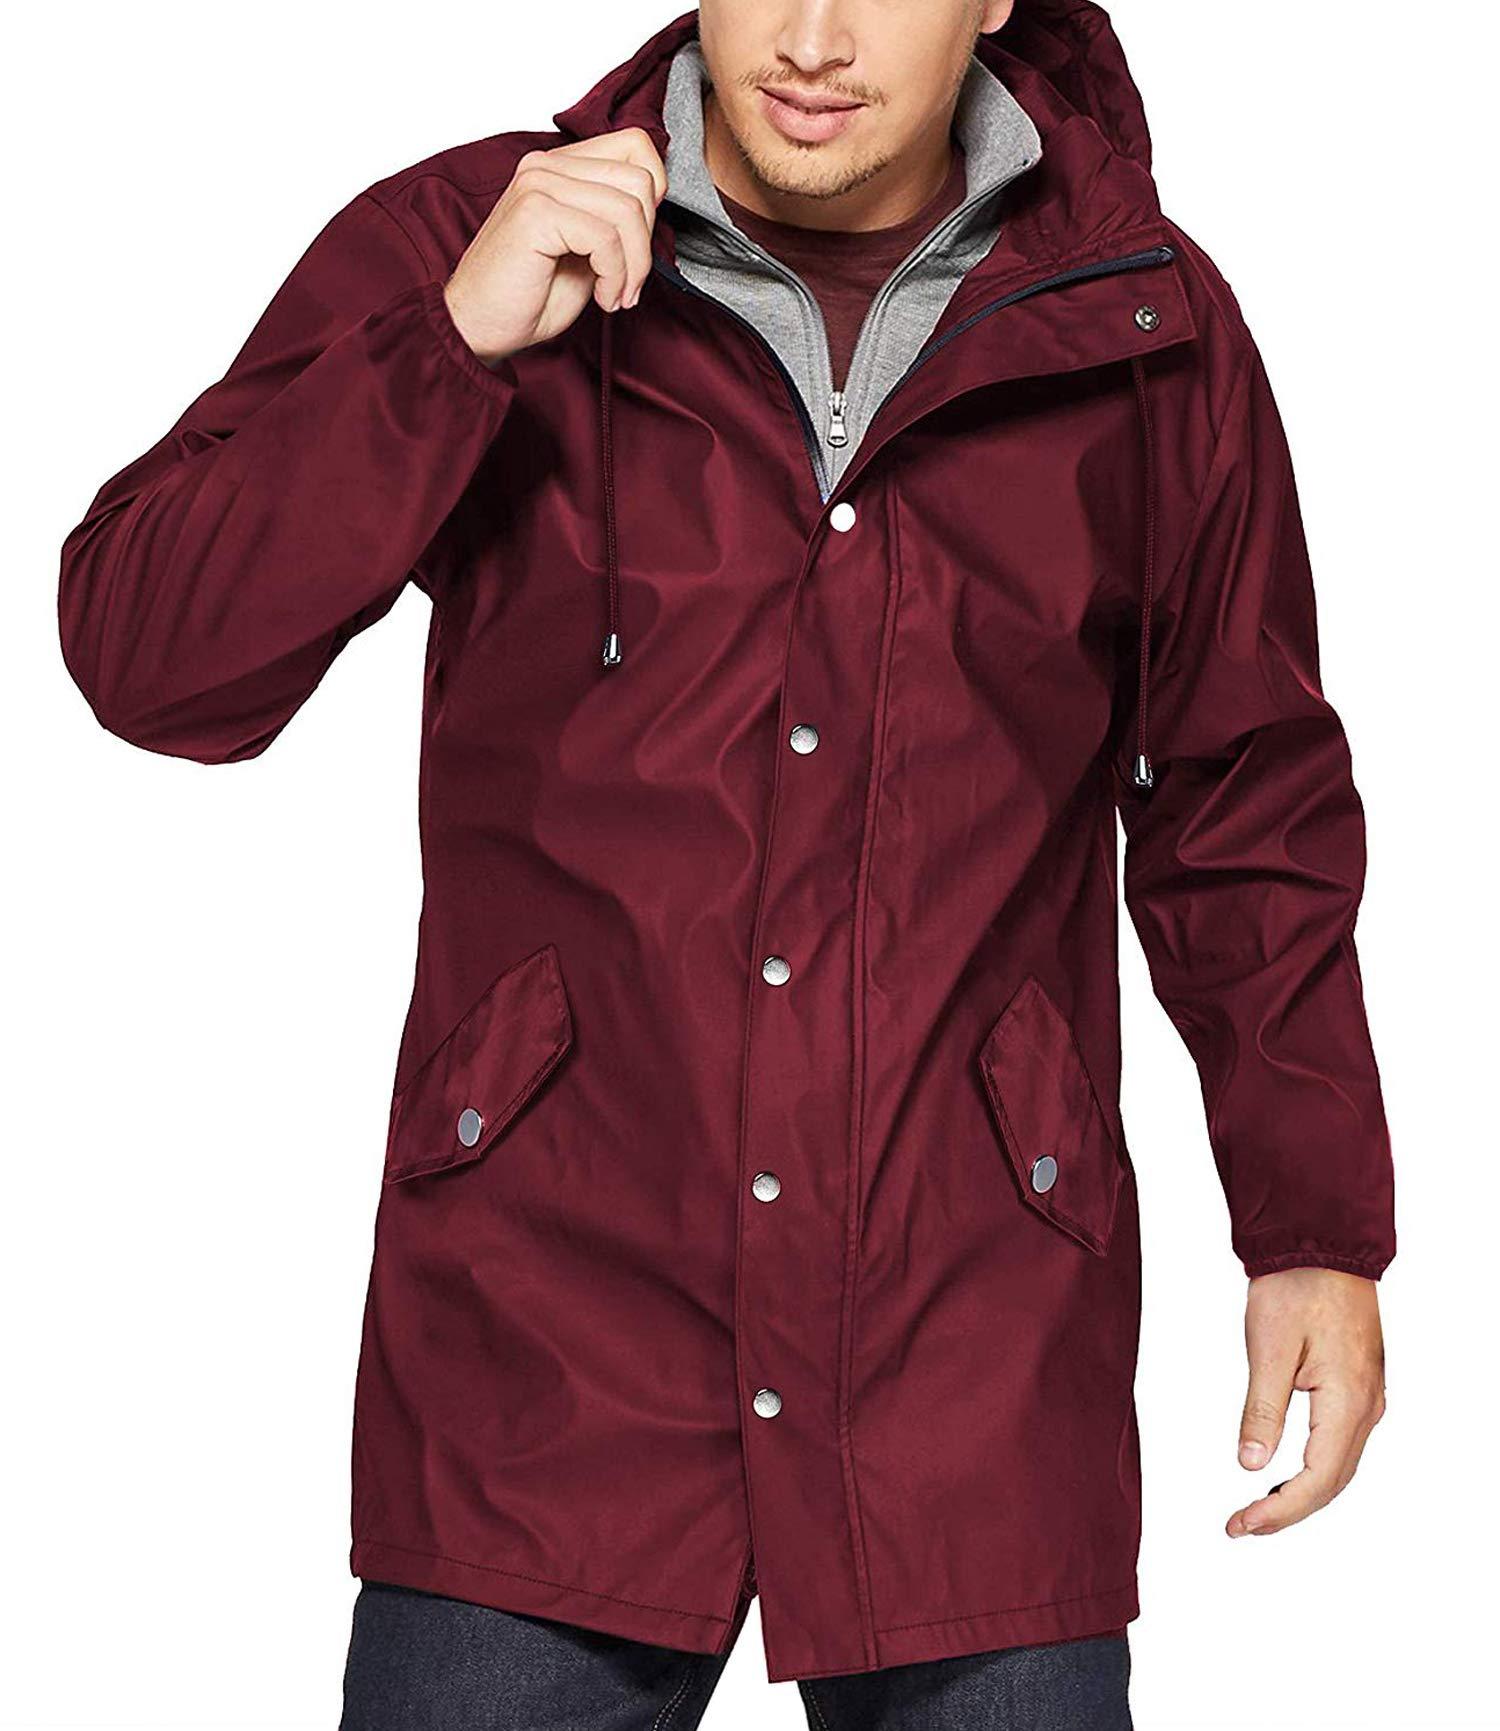 URRU Men's Lightweight Waterproof Rain Jacket Packable Hooded Long Windbreaker Jackets Wine Red L by URRU